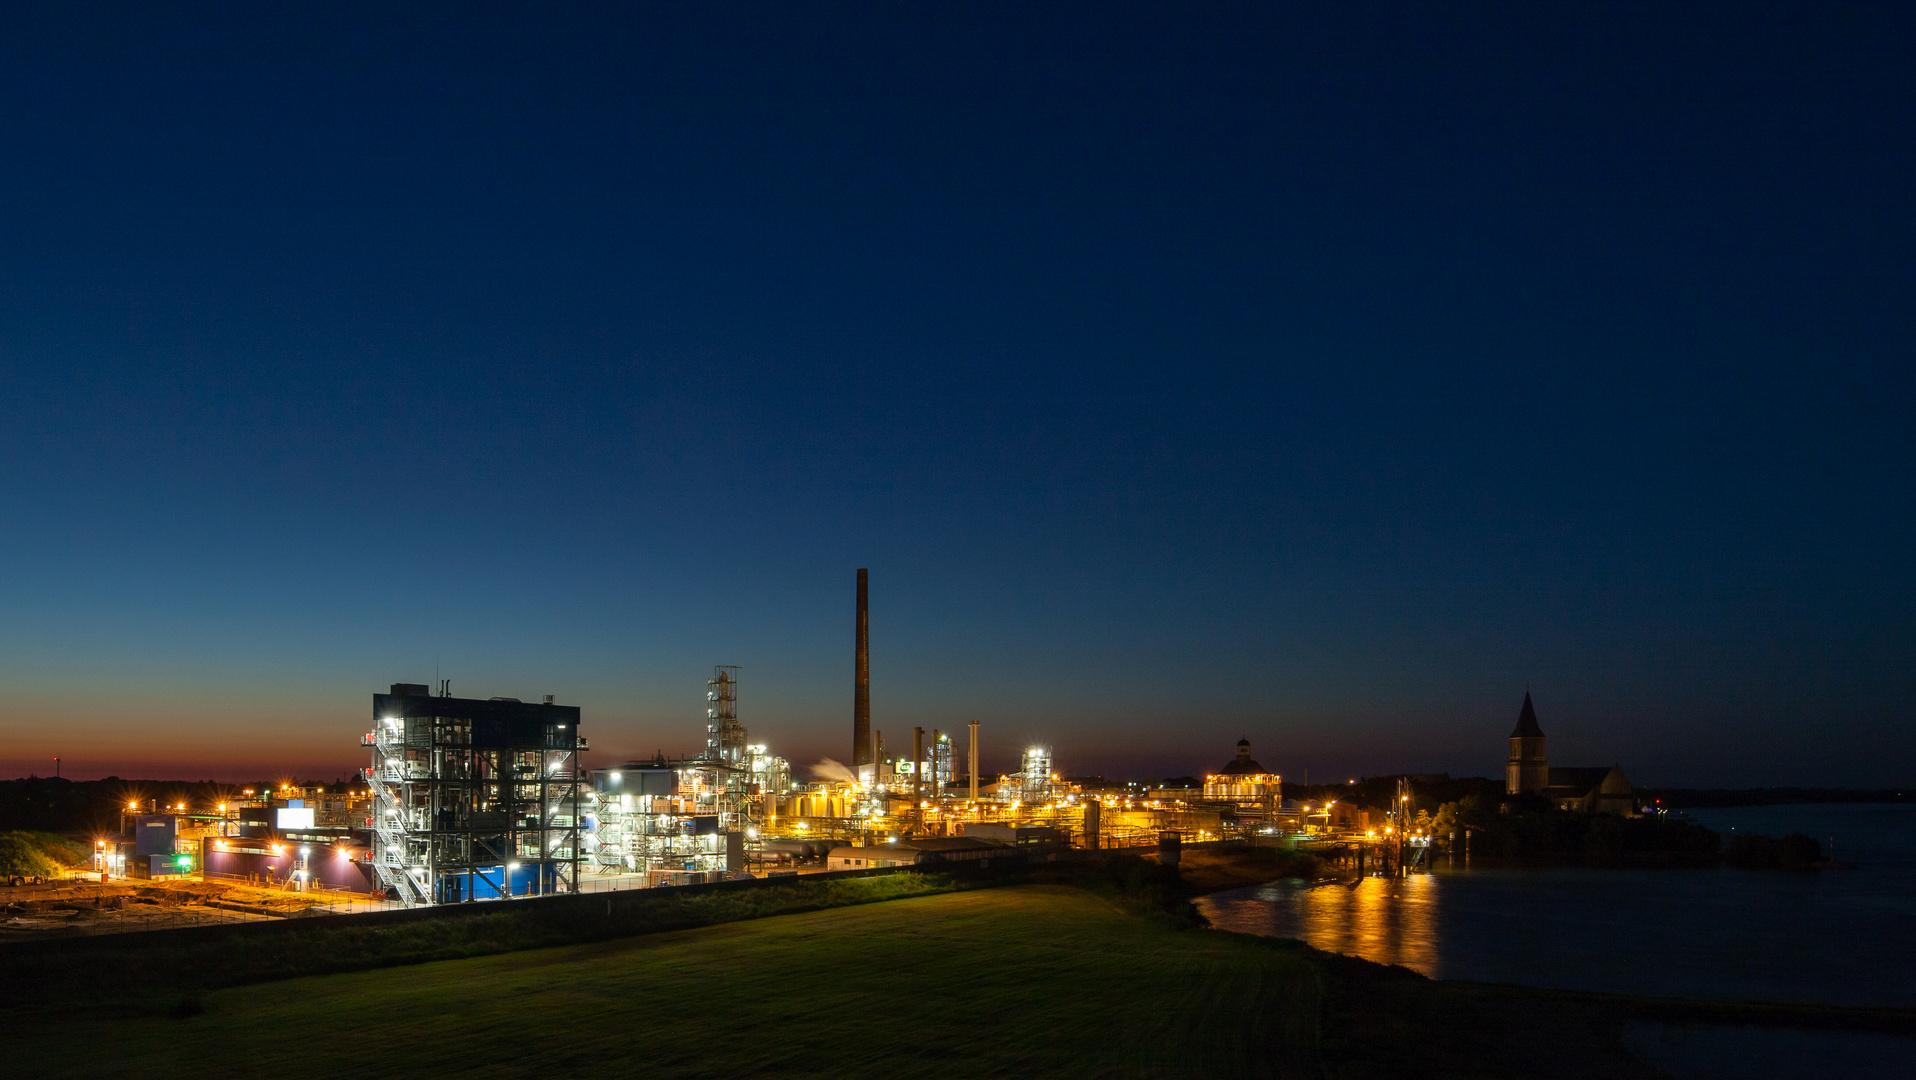 KLK Chemiefabrik - Emmerich